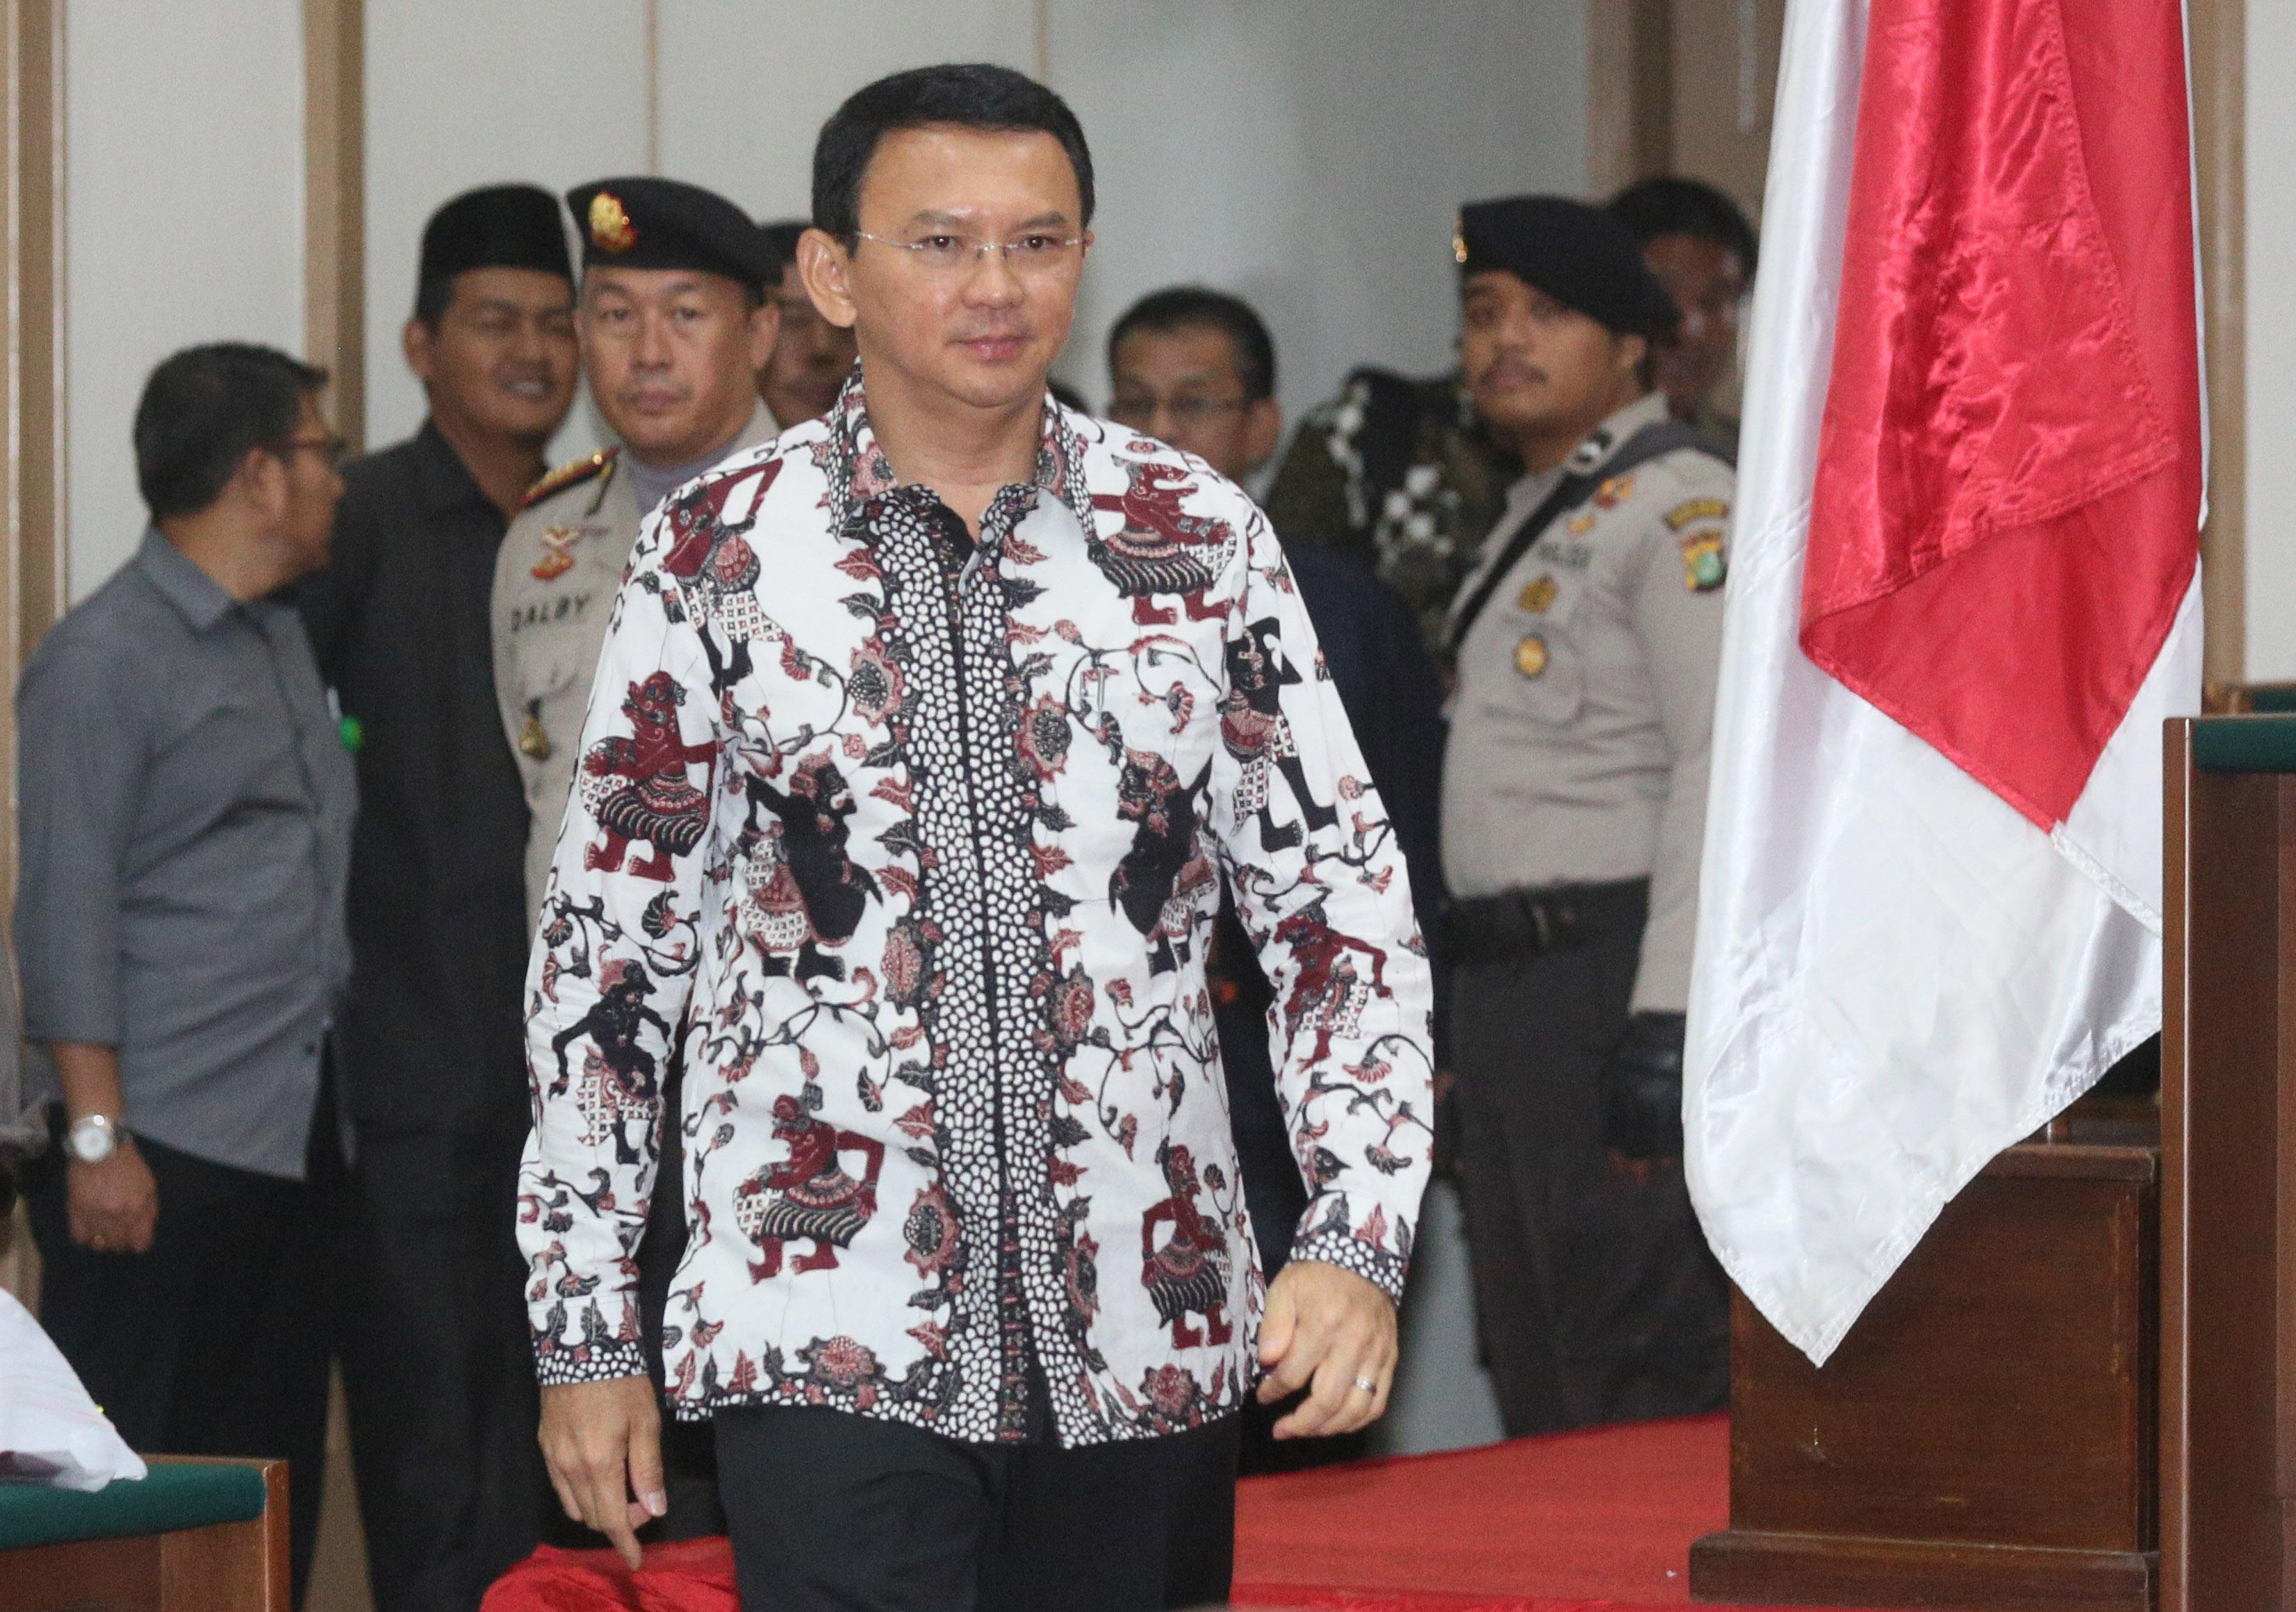 Terdakwa kasus dugaan penistaan agama Basuki Tjahaja Purnama atau Ahok memasuki ruang sidang di Auditorium Kementerian Pertanian, Jakarta, Senin (13/2). Persidangan kesepuluh tersebut Jaksa Penuntut Umum (JPU) mengagendakan menghadirkan empat saksi ahli. ANTARA FOTO/Pool/Ramdani/kye/17.